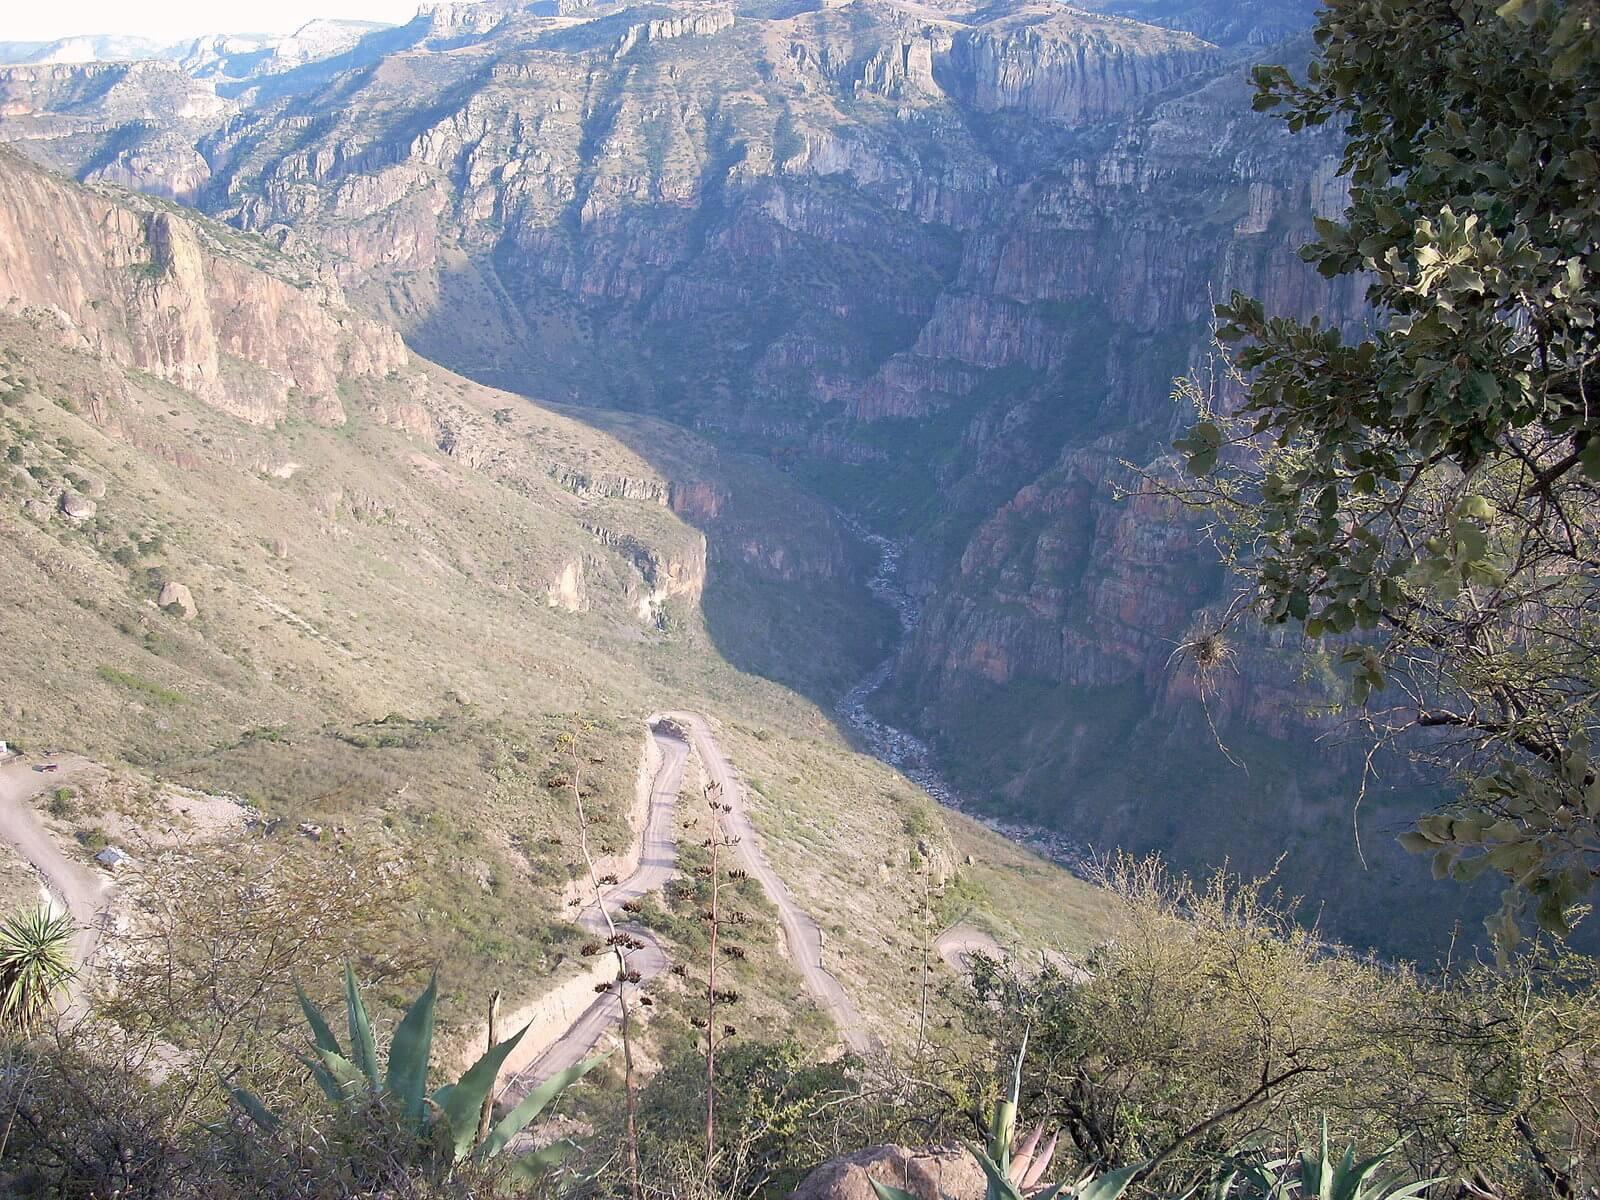 Fot. 3. Miedziany Kanion jest o 600 m głębszy niż Wielki Kanion Kolorado w Arizonie. Na jego dno można zjechać zarówno samochodem, jak i rowerem.